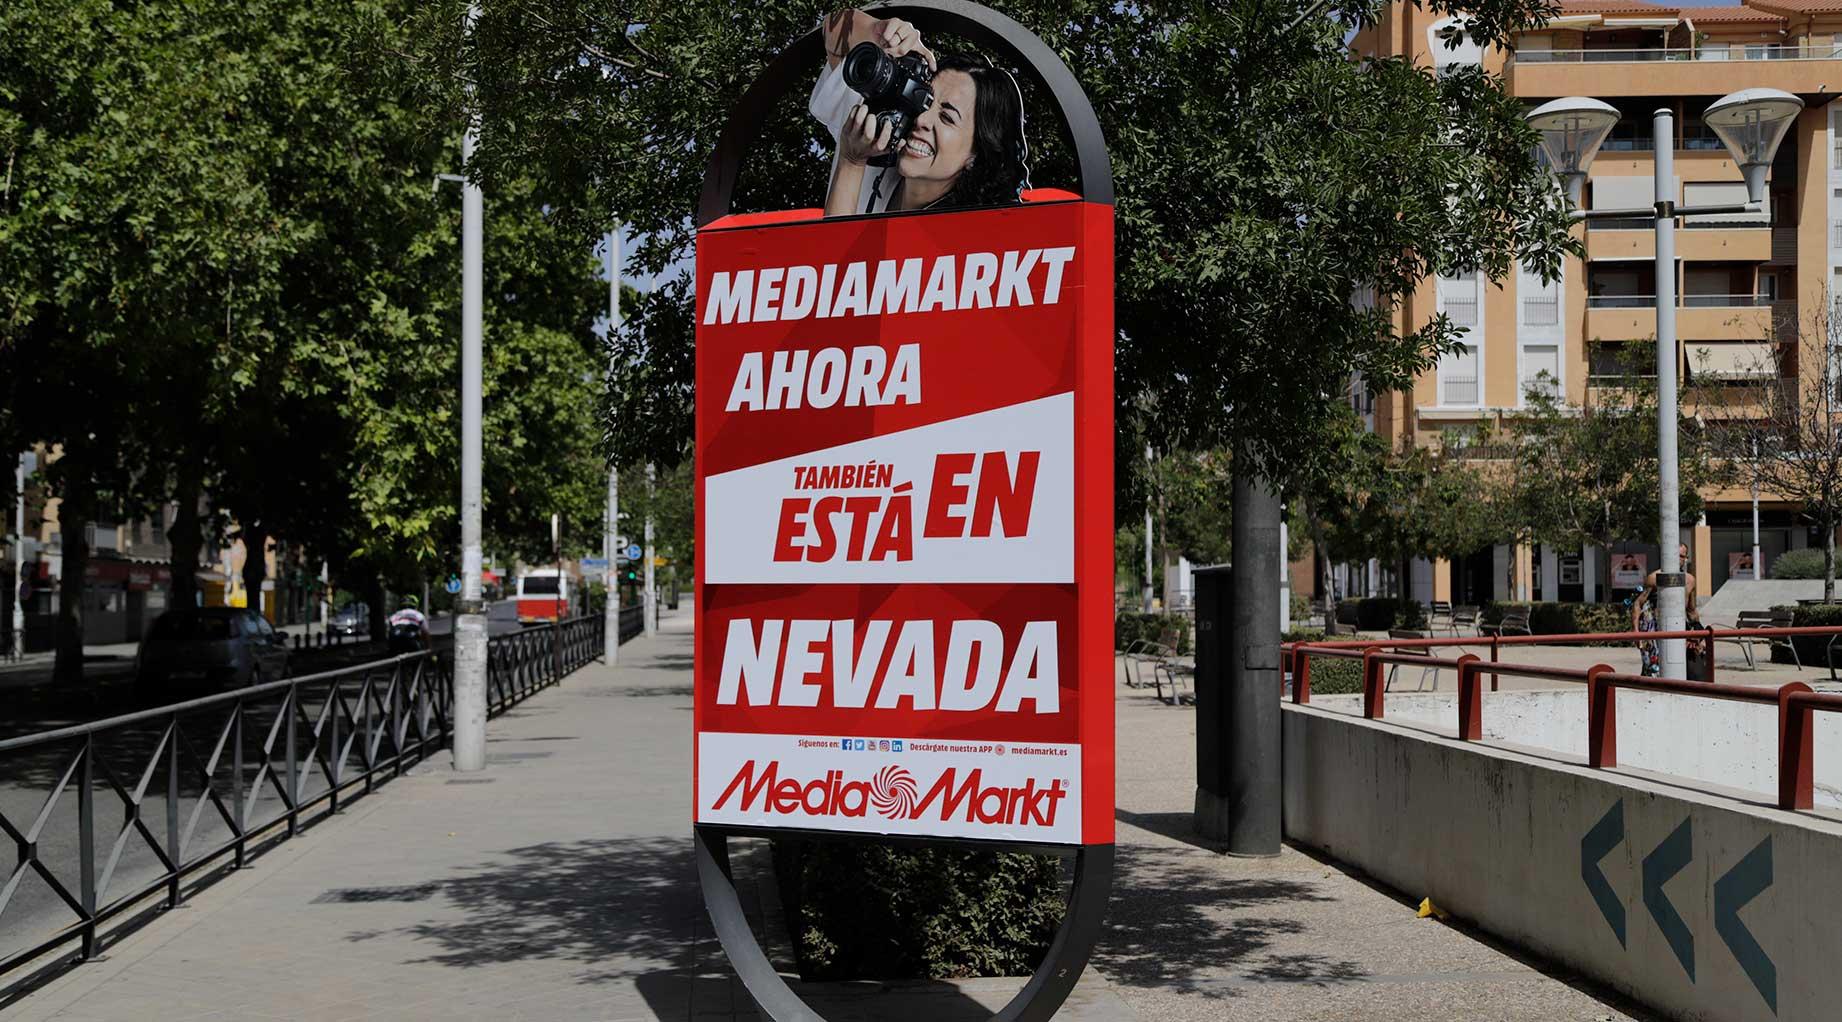 Mupi Media Markt